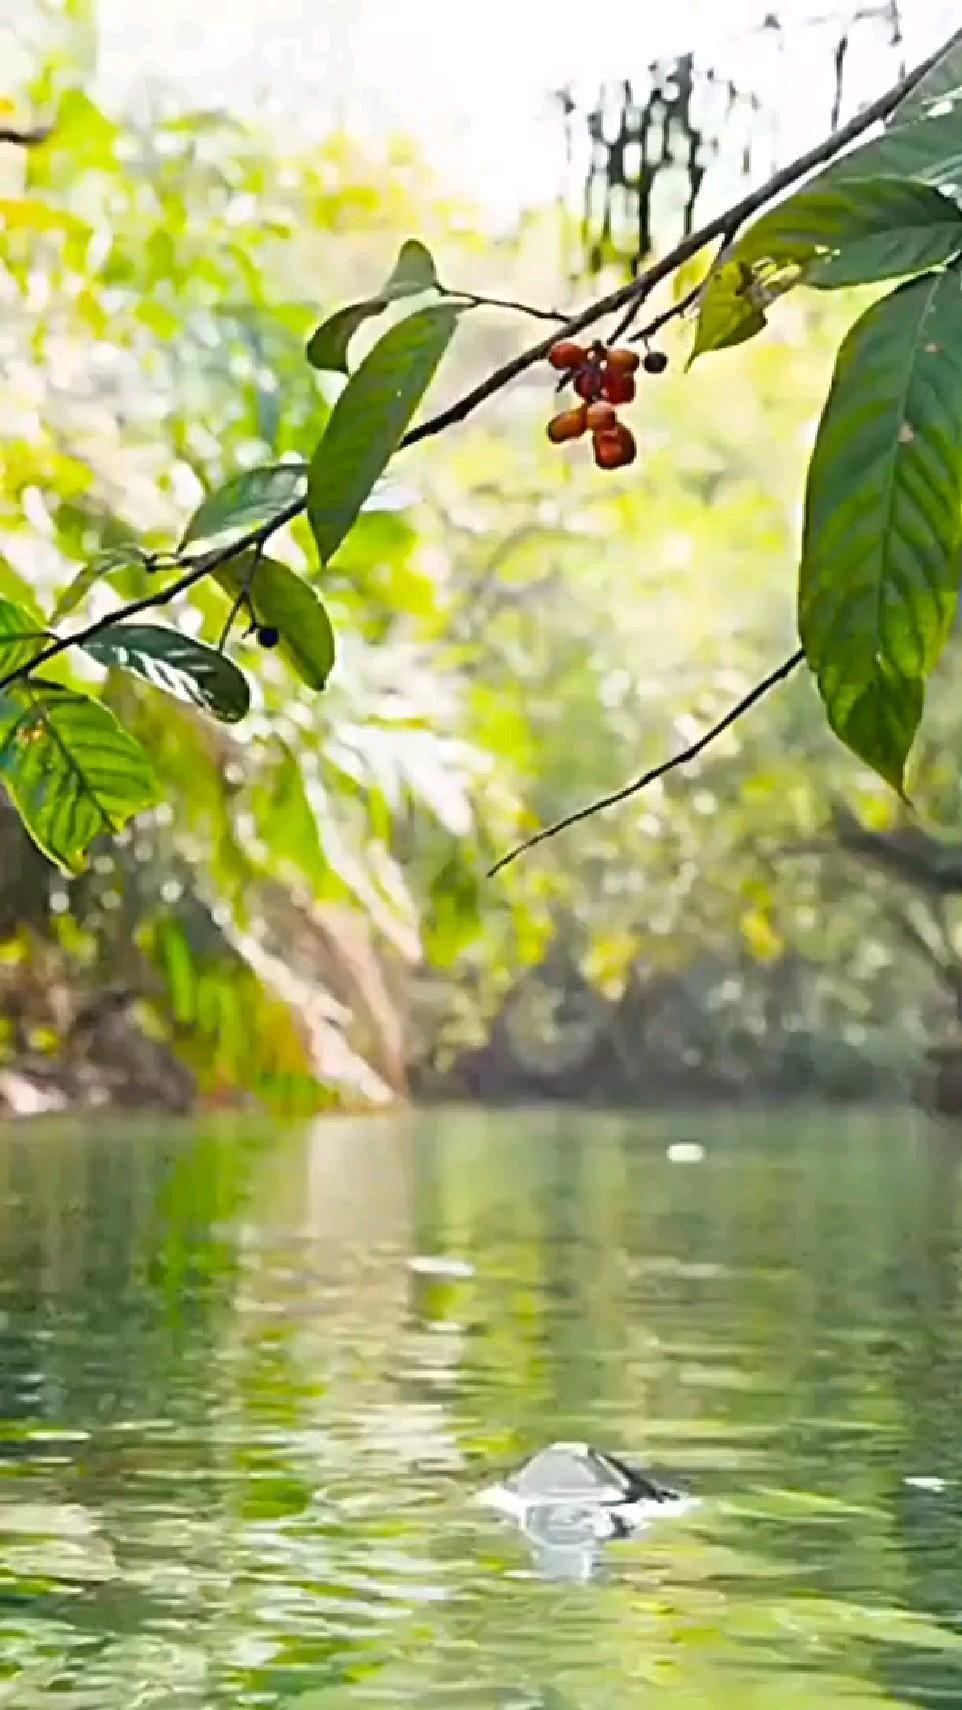 Fish eating fruits